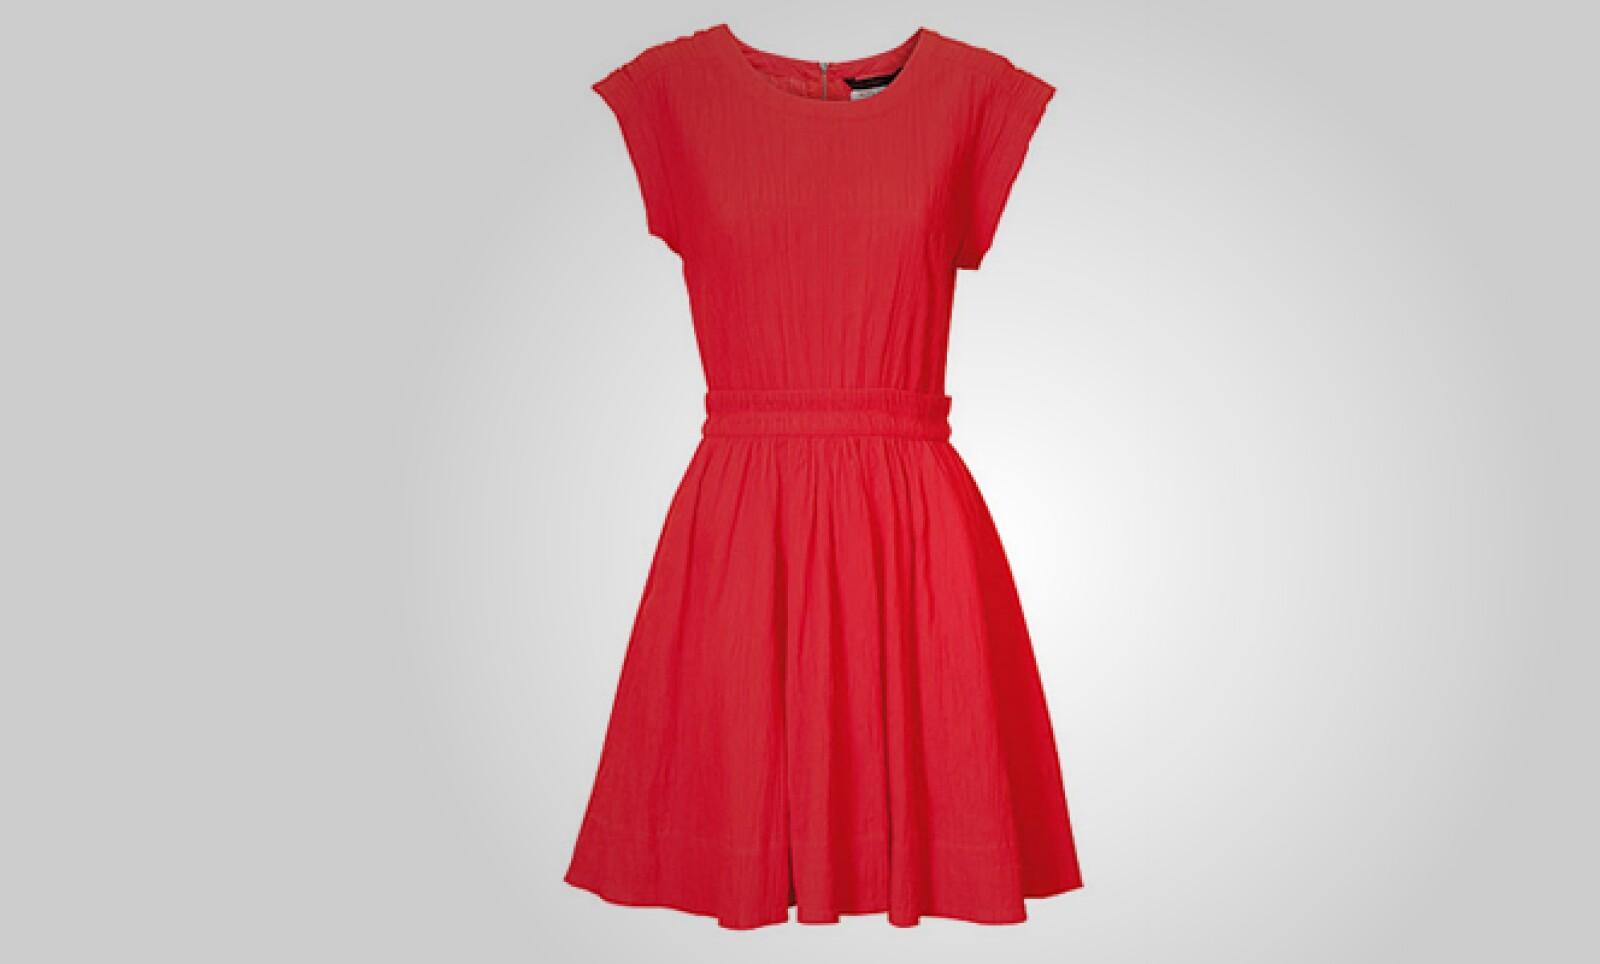 Con un toque más atrevido, este vestido corto será ideal para disfrutar de las altas temperaturas.